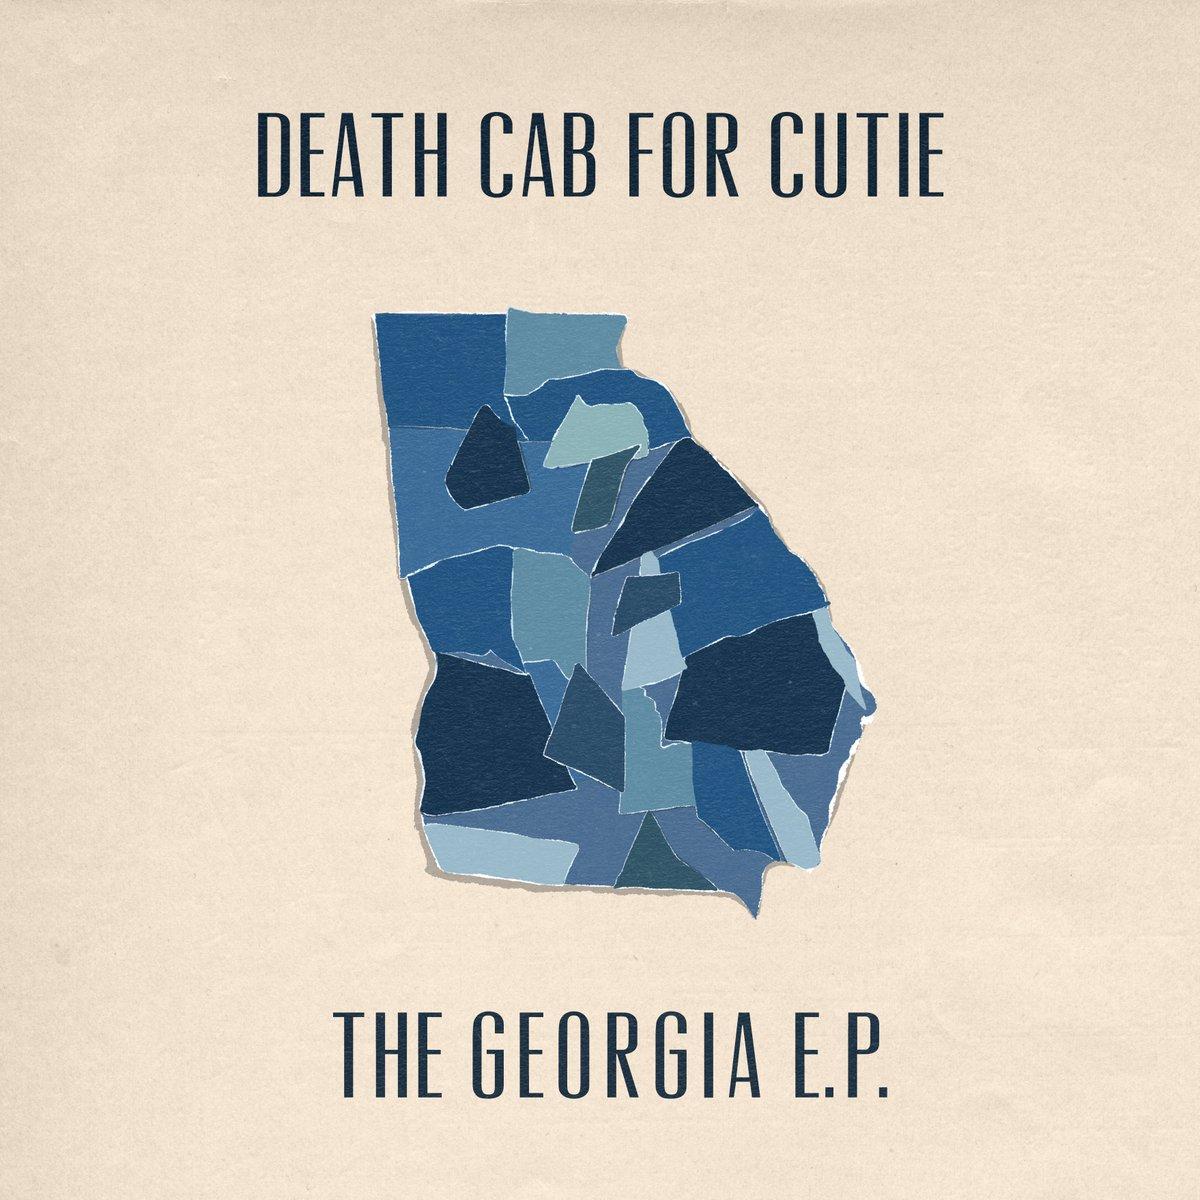 Capa de The Georgia EP. É uma capa bege claro, com o mapa do estado da Georgia, nos Estados Unidos, destacado em azul. Ao topo, em letras pretas, vemos escrito: Death Cab for Cutie, e abaixo The Georgia EP.